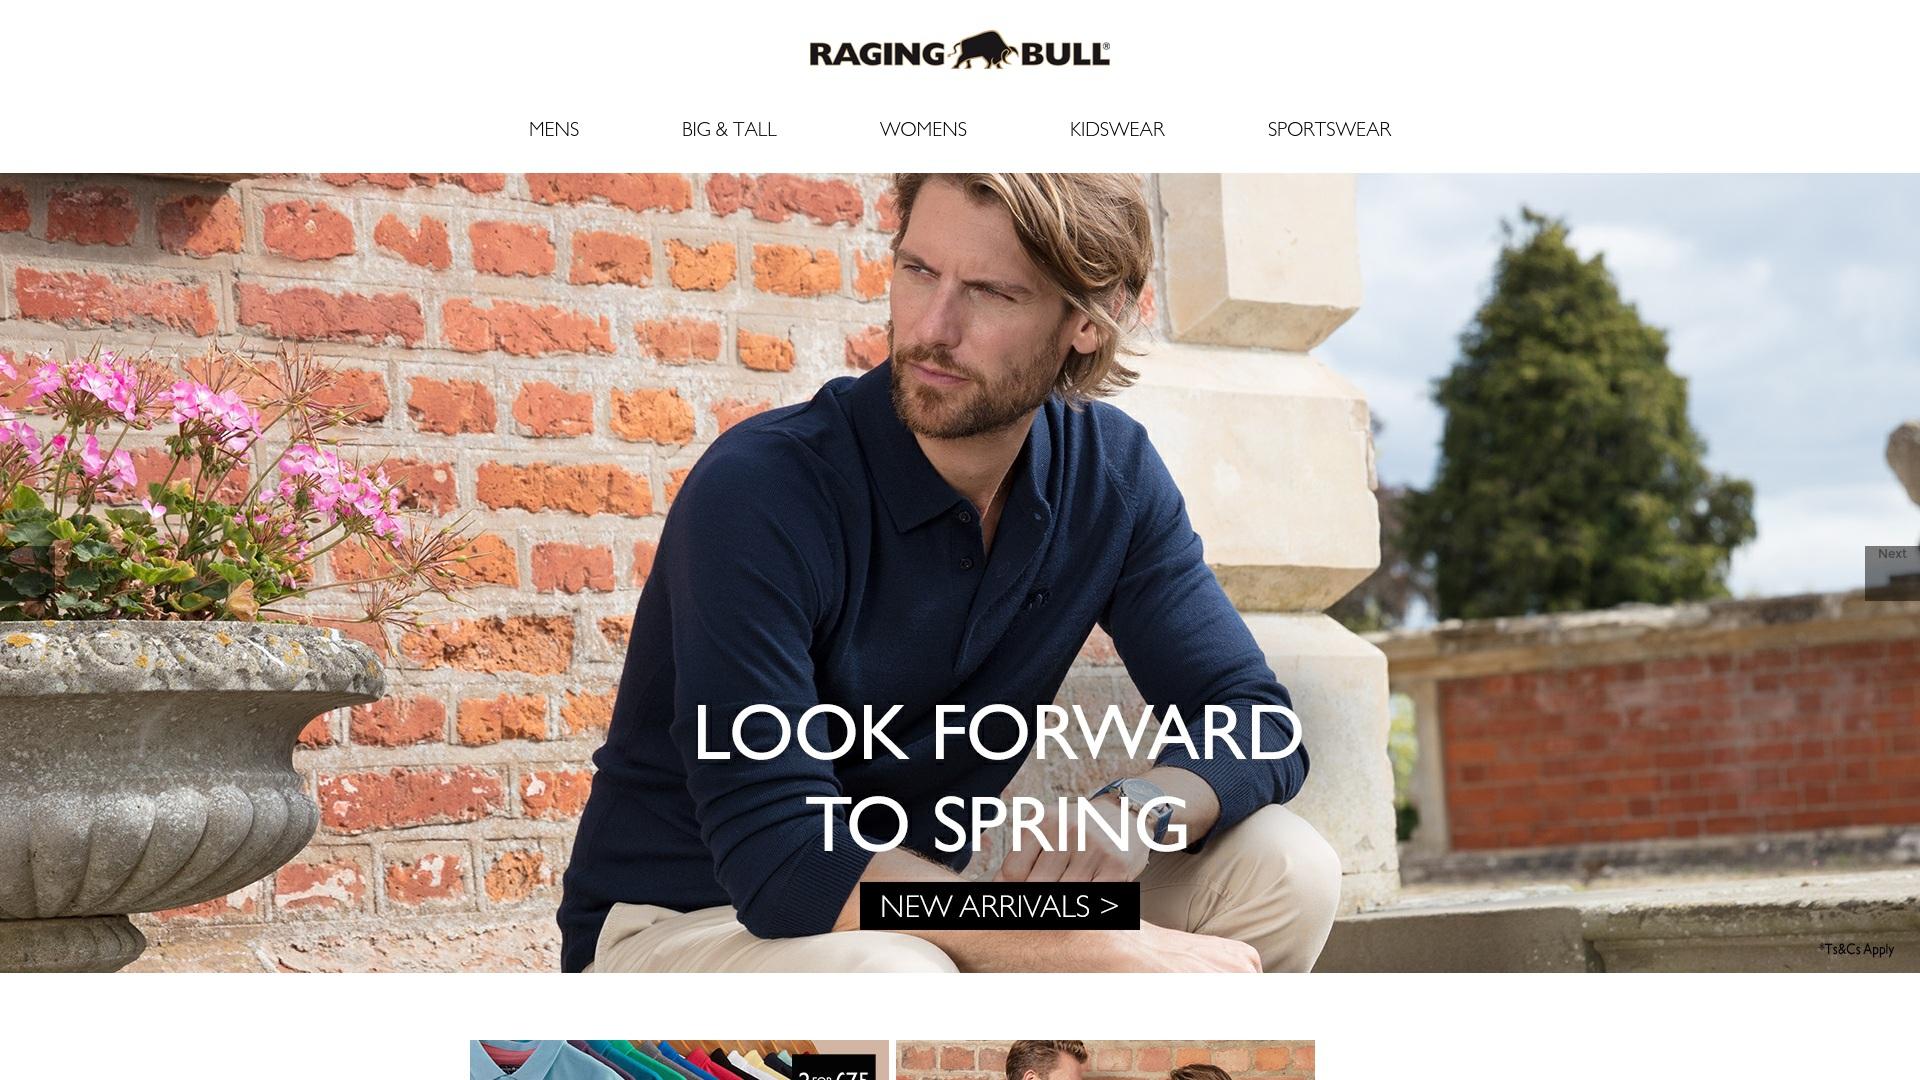 Gutschein für Ragingbull: Rabatte für  Ragingbull sichern